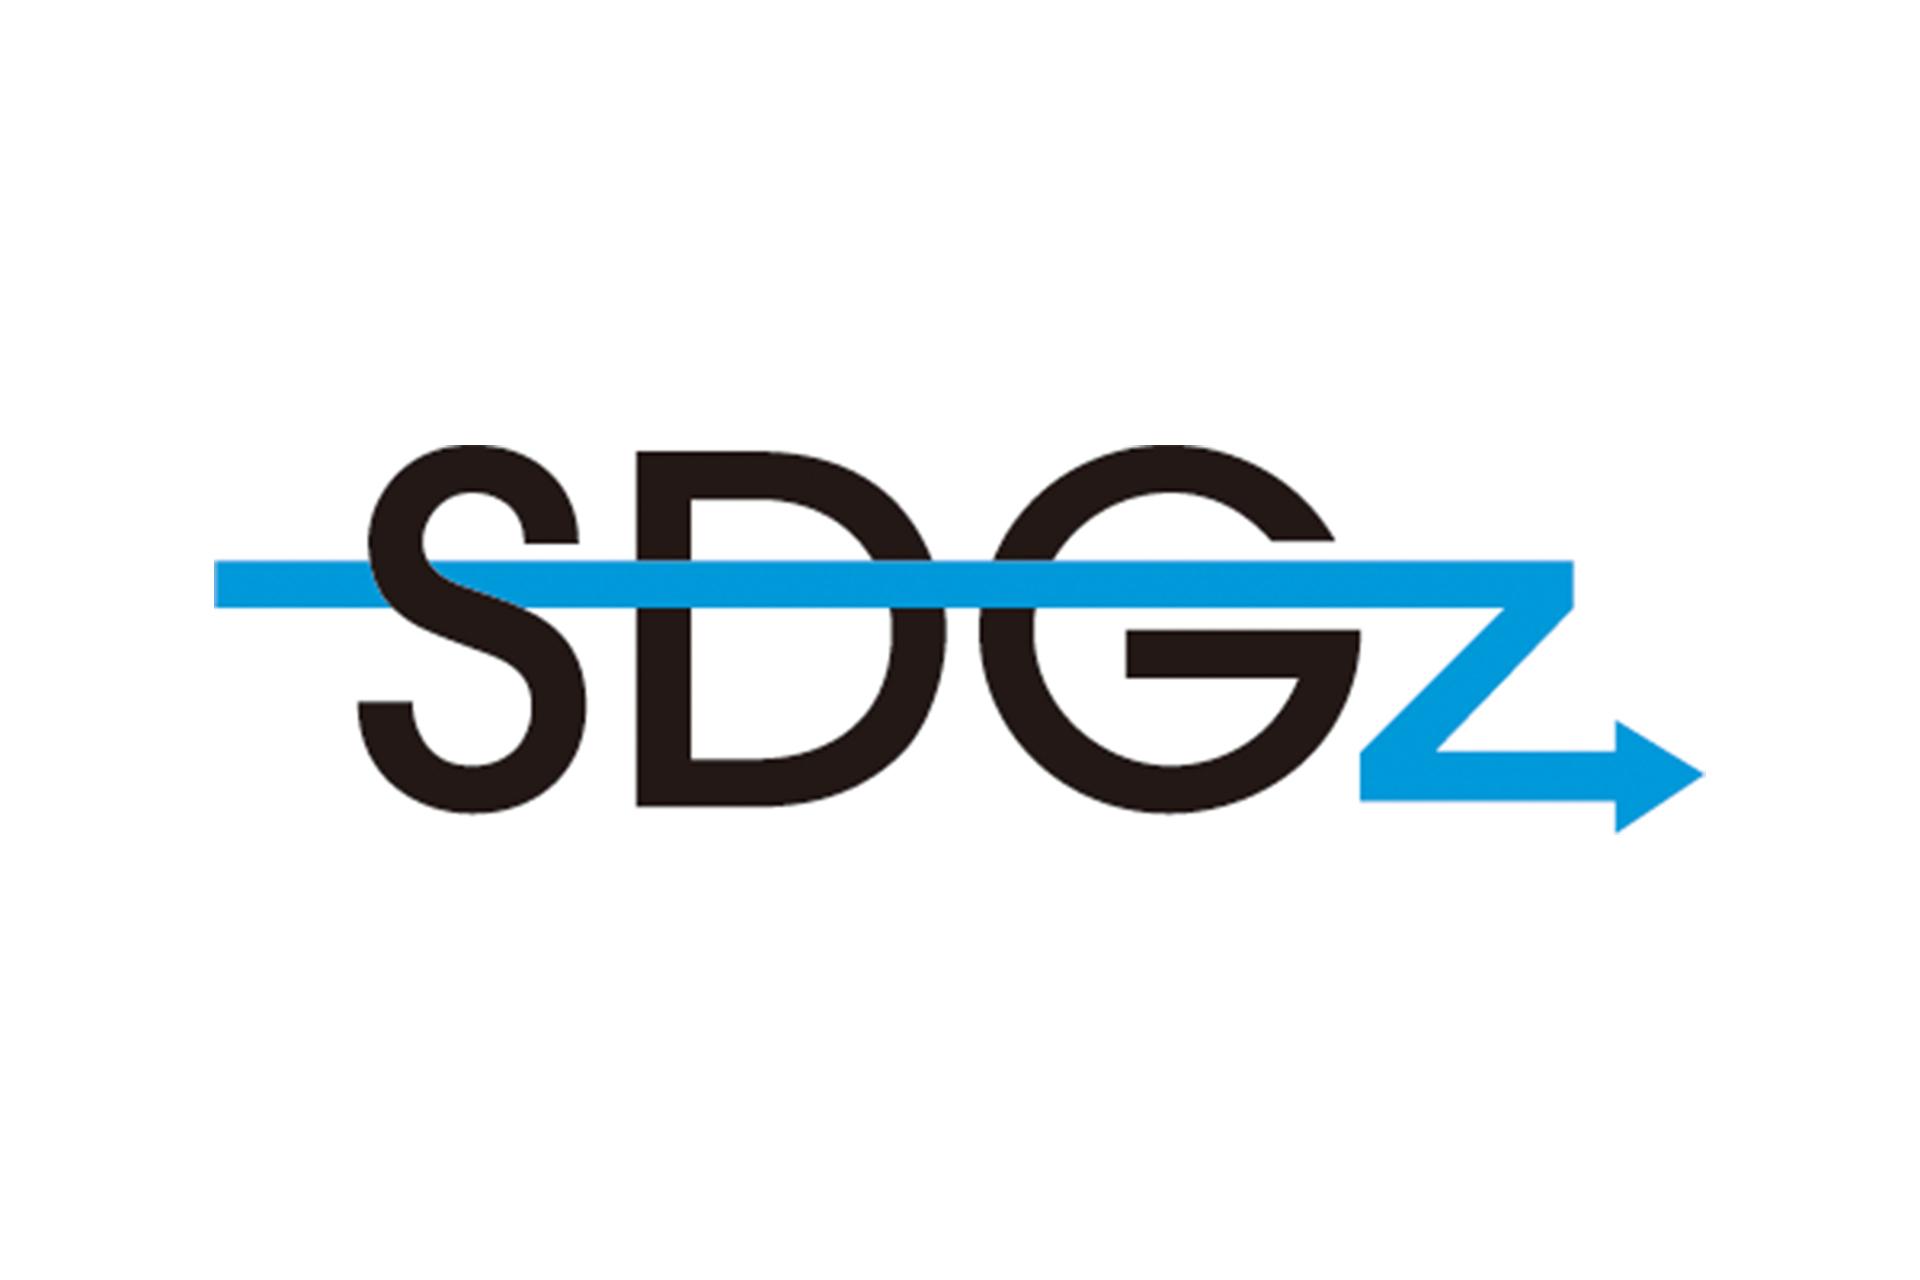 sdgz-logo event